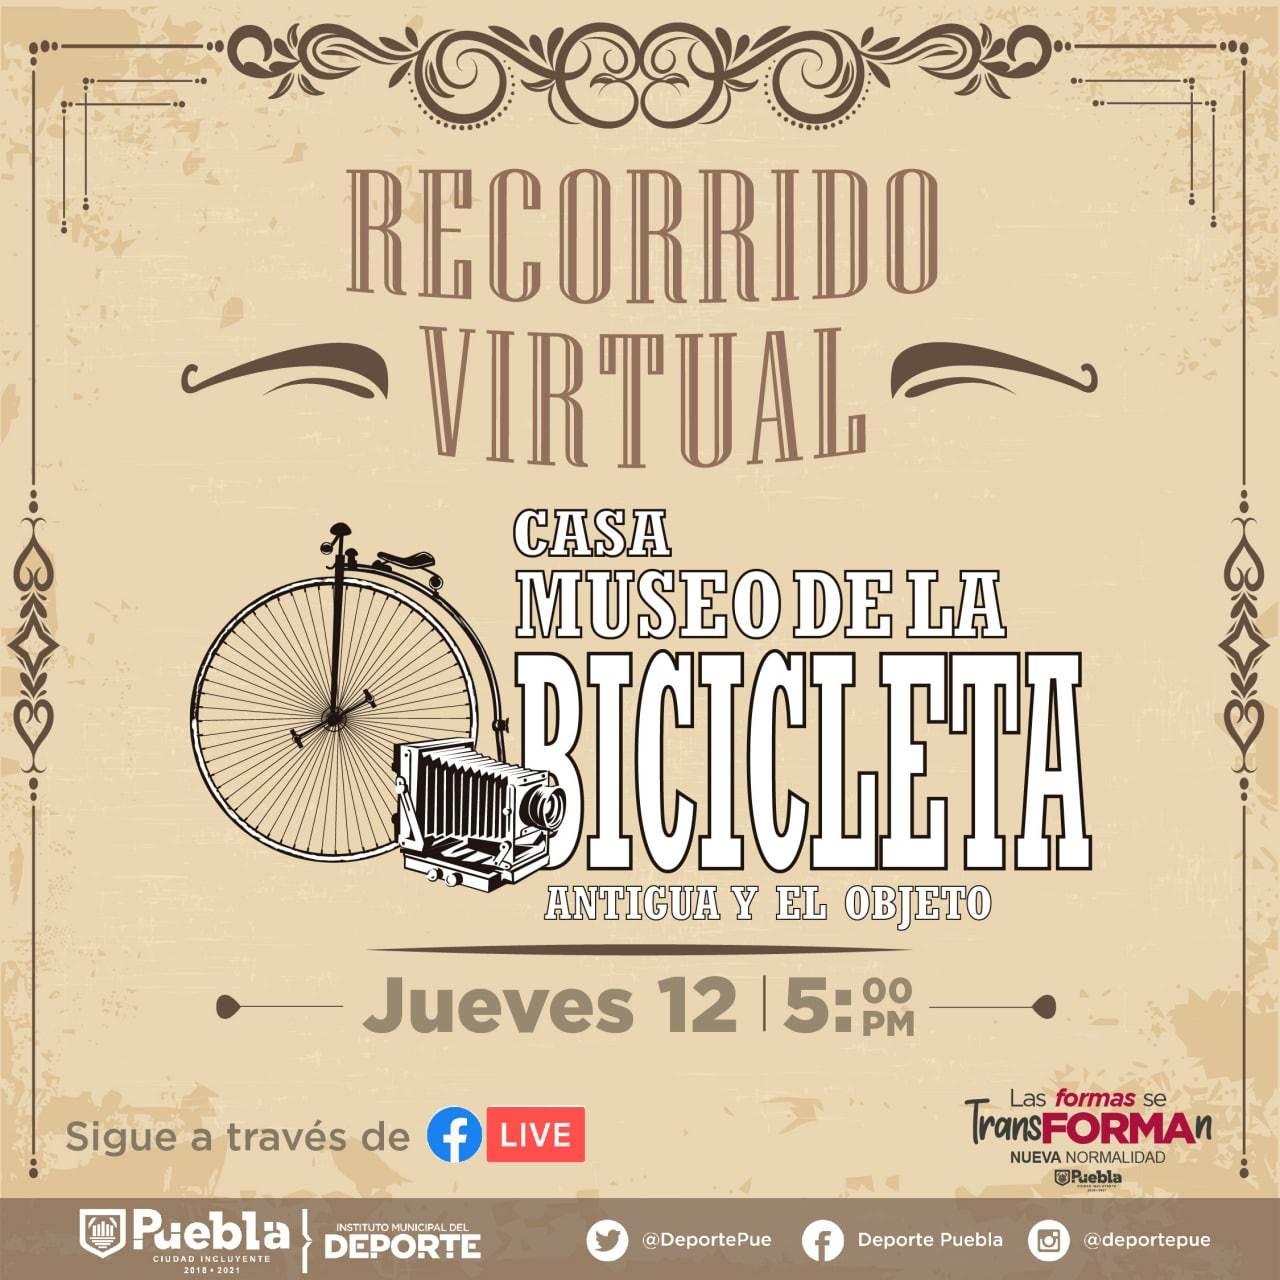 Imagen que invita a asistir al Recorrido virtual por el museo de la bicicleta de Puebla.